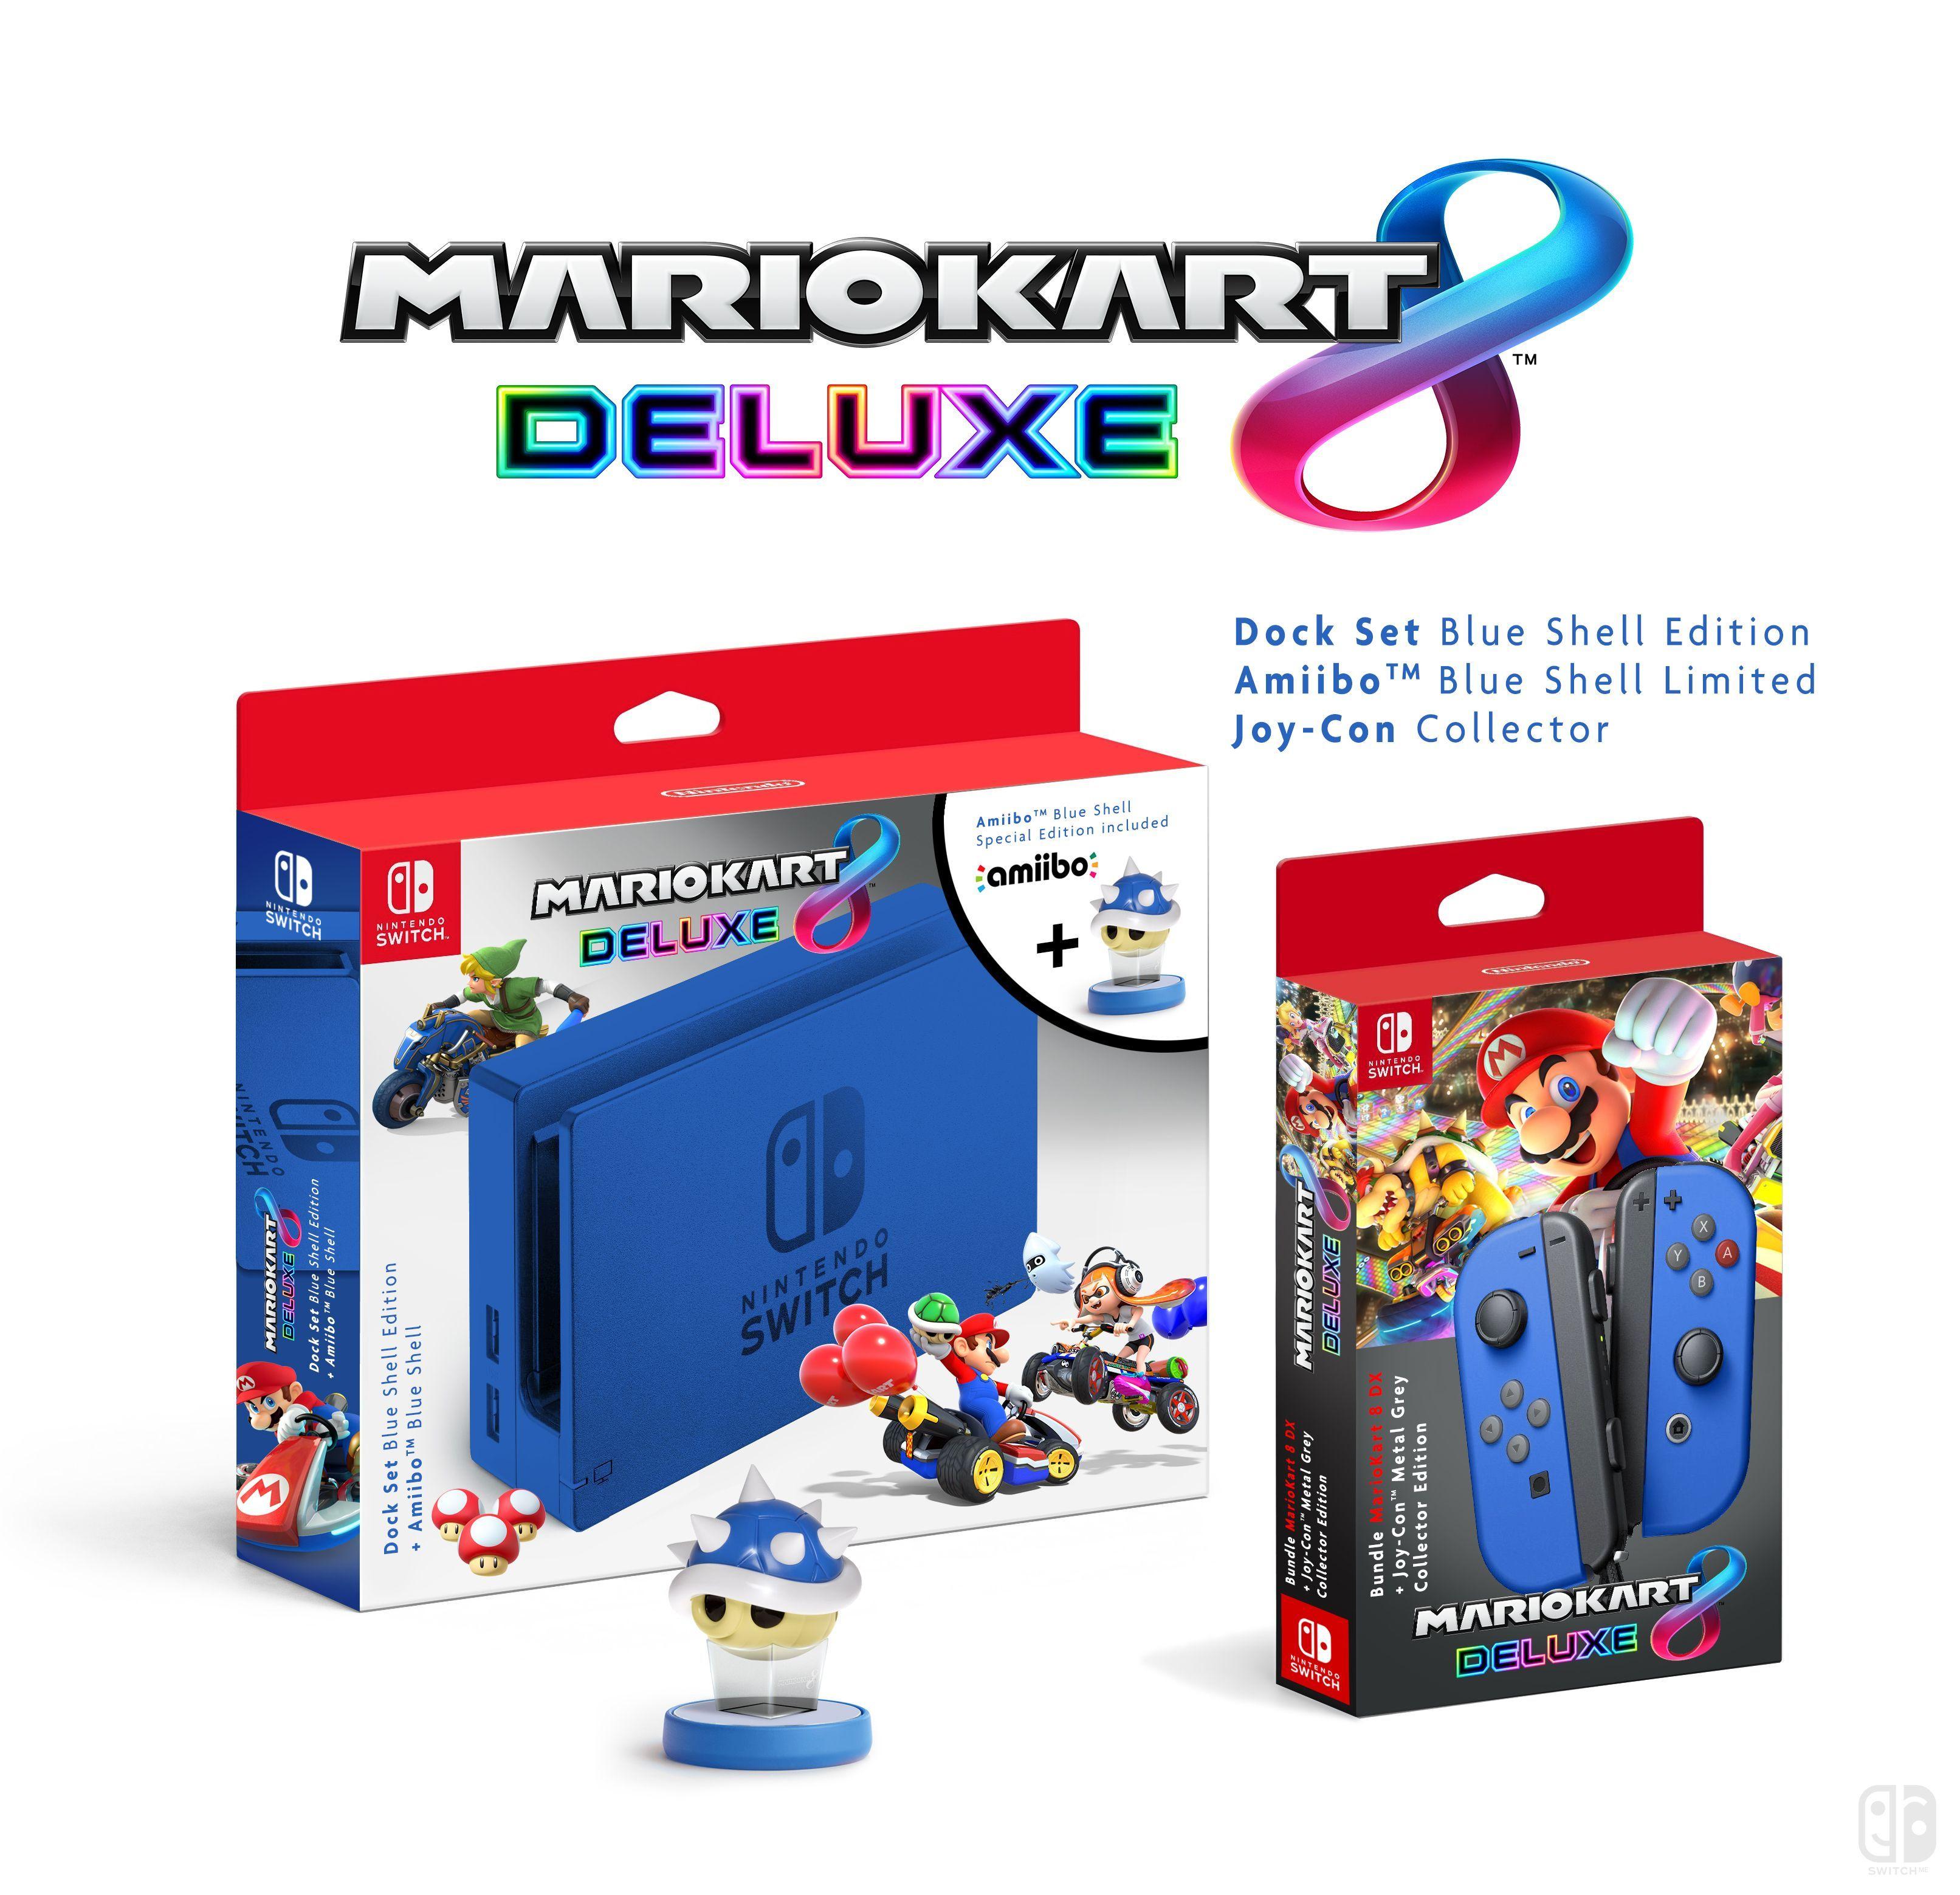 Dock Set Mario Kart 8 Deluxe Amiibo Collector Blue Shell